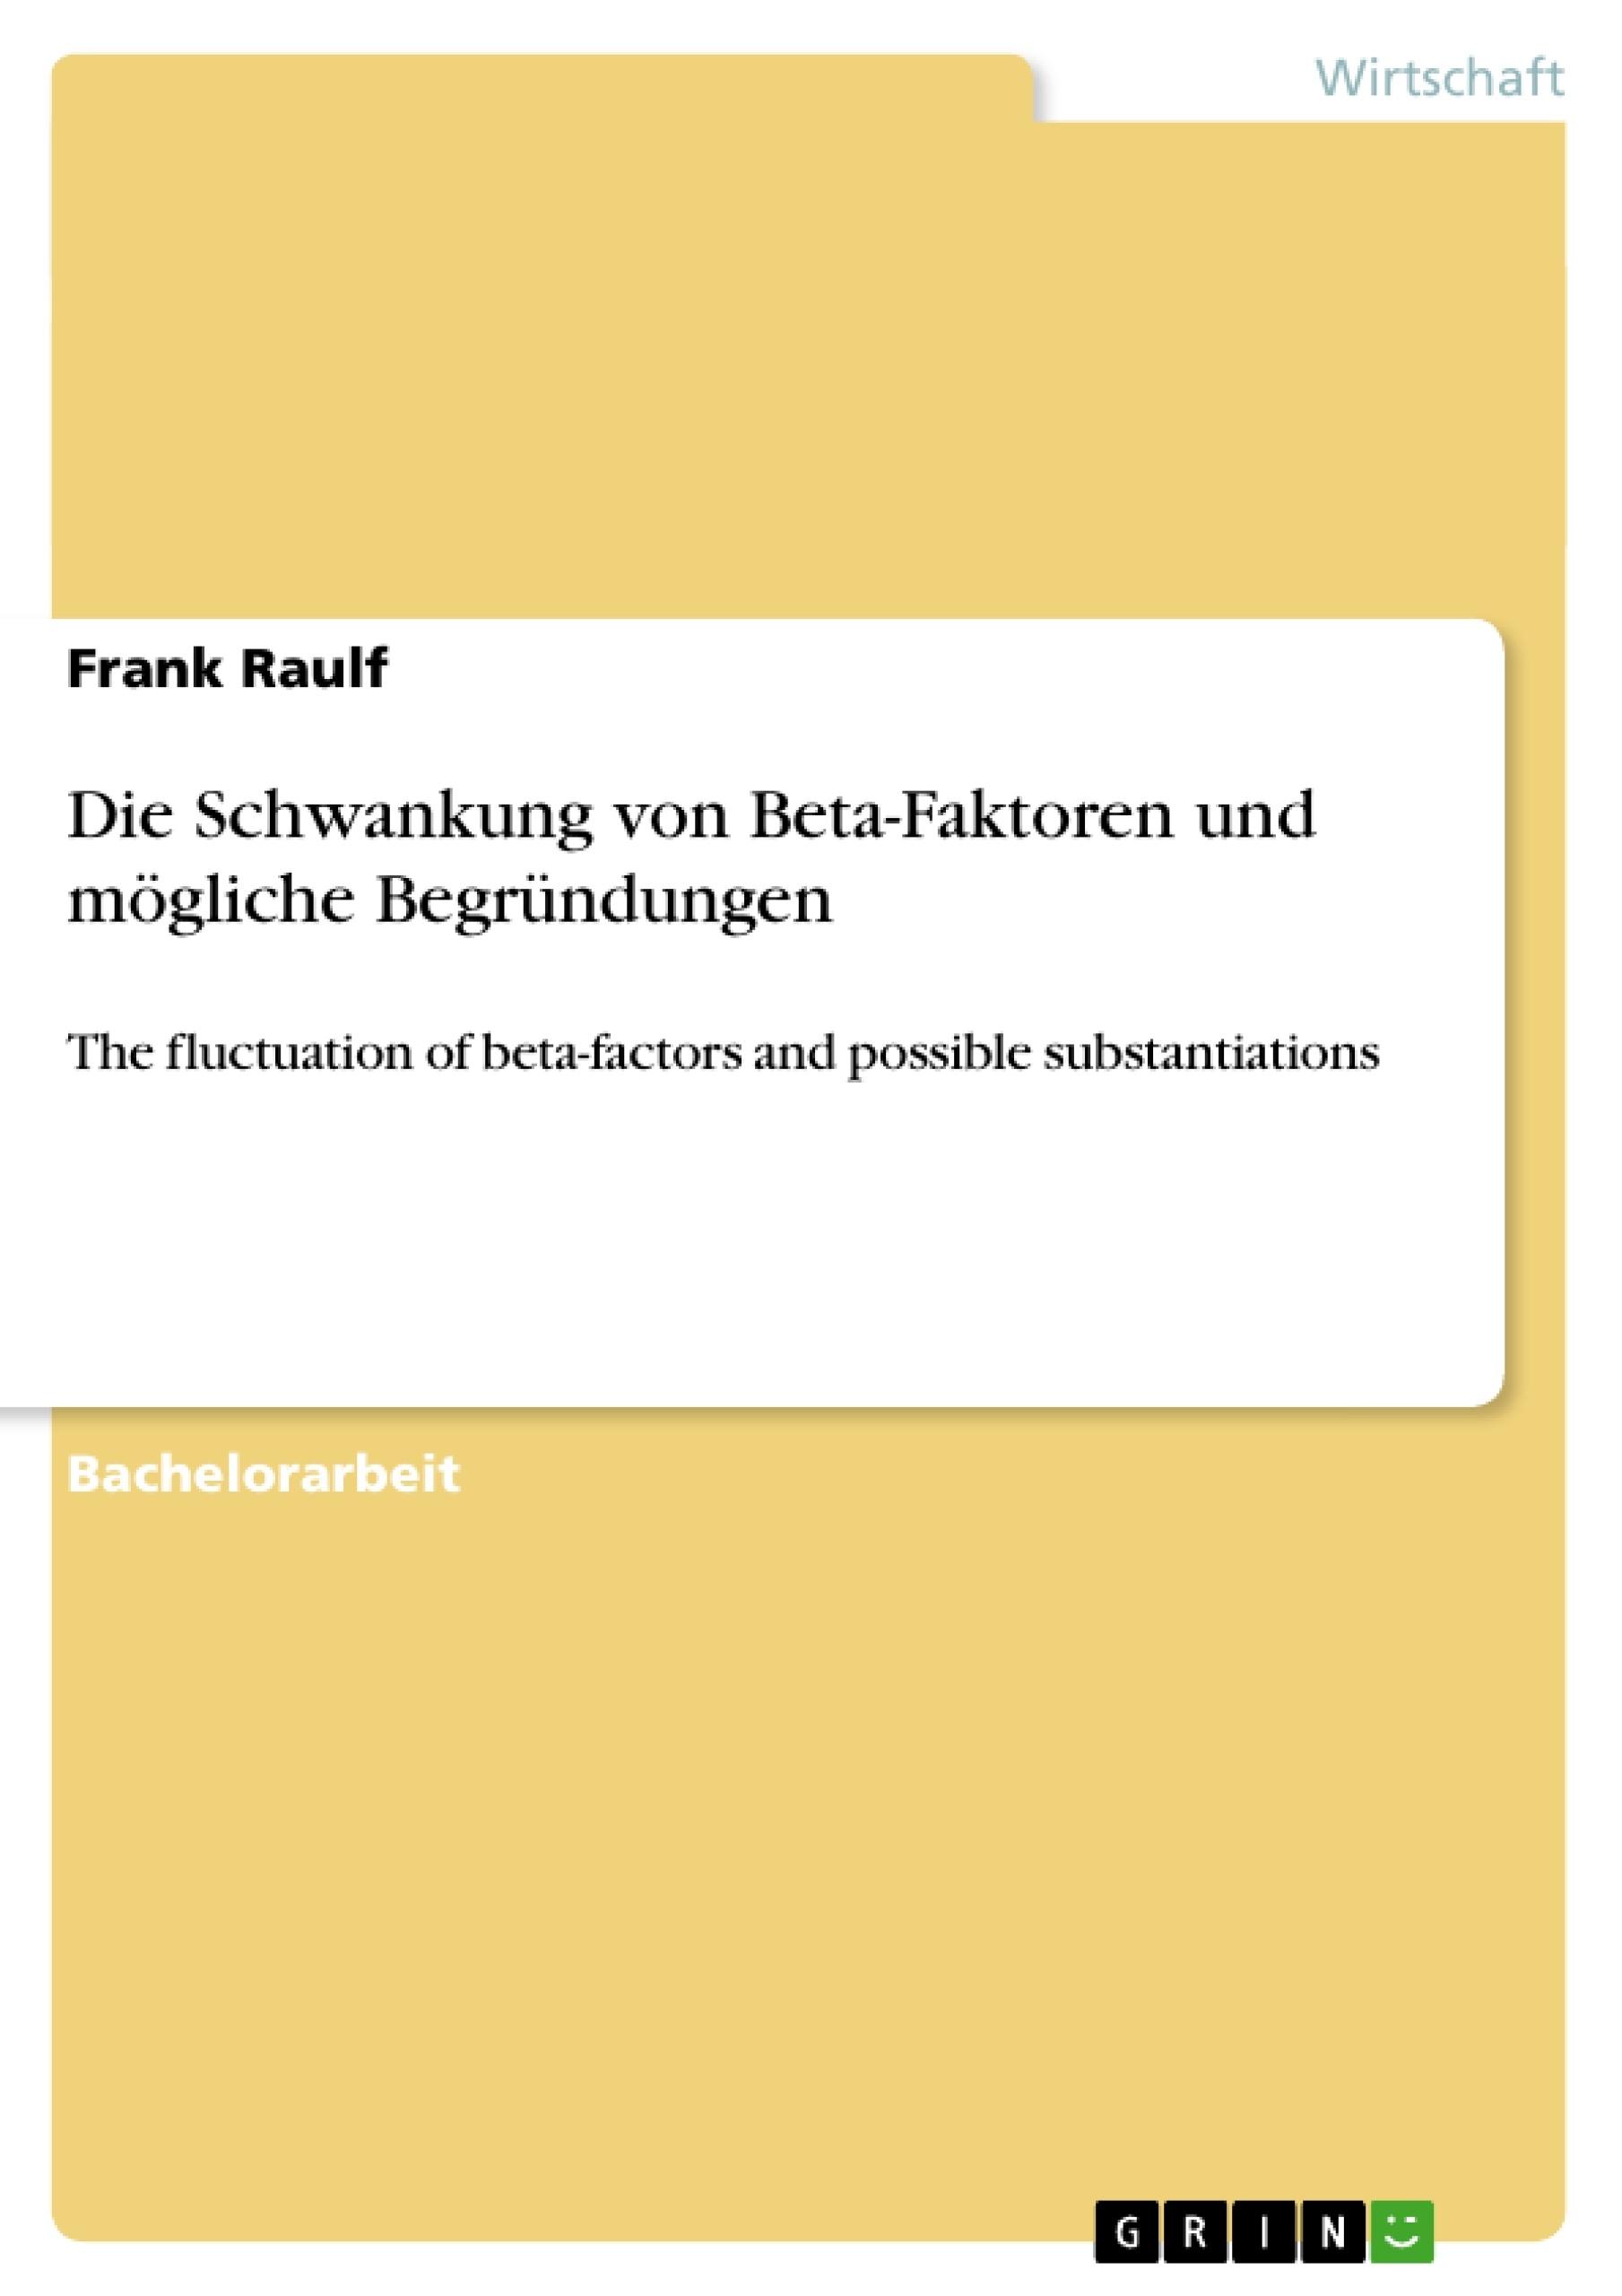 Titel: Die Schwankung von Beta-Faktoren und mögliche Begründungen